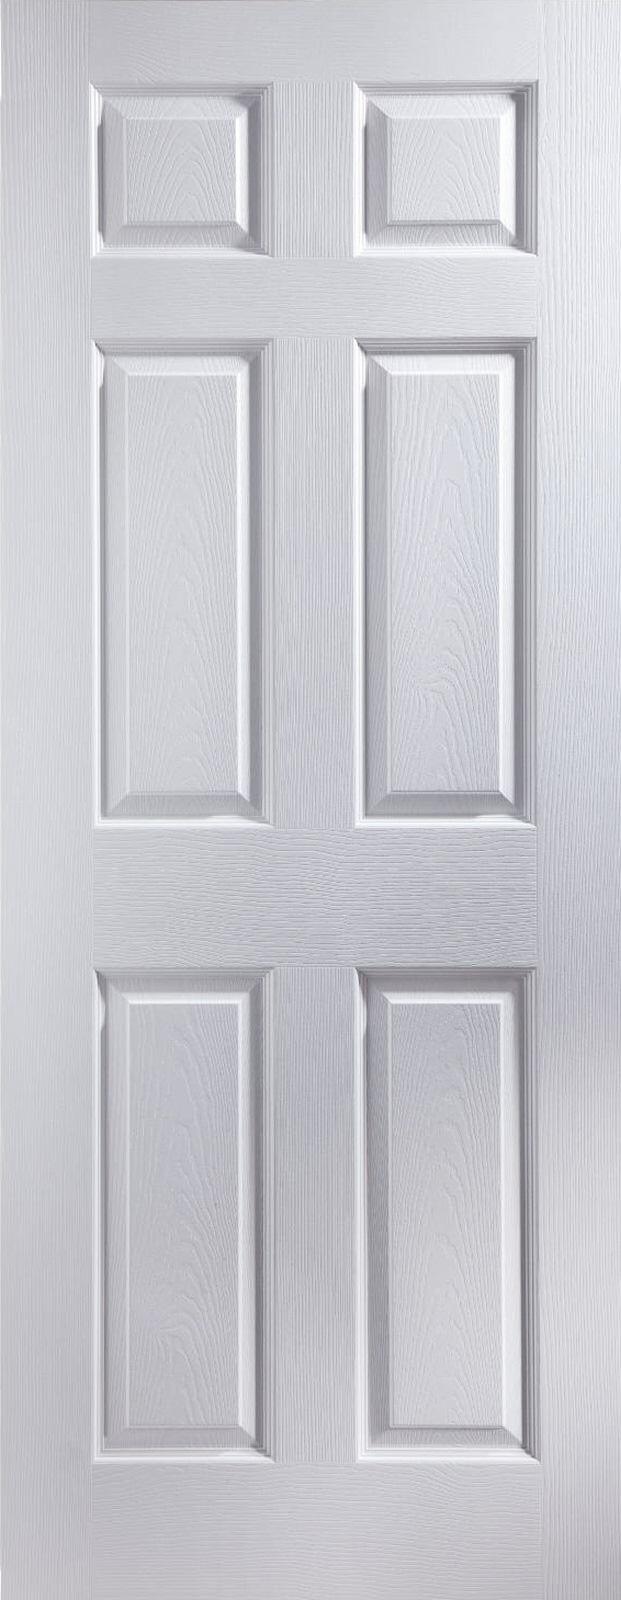 30 X 78 Colonist 6 Panel Grained Slimline Fire Door